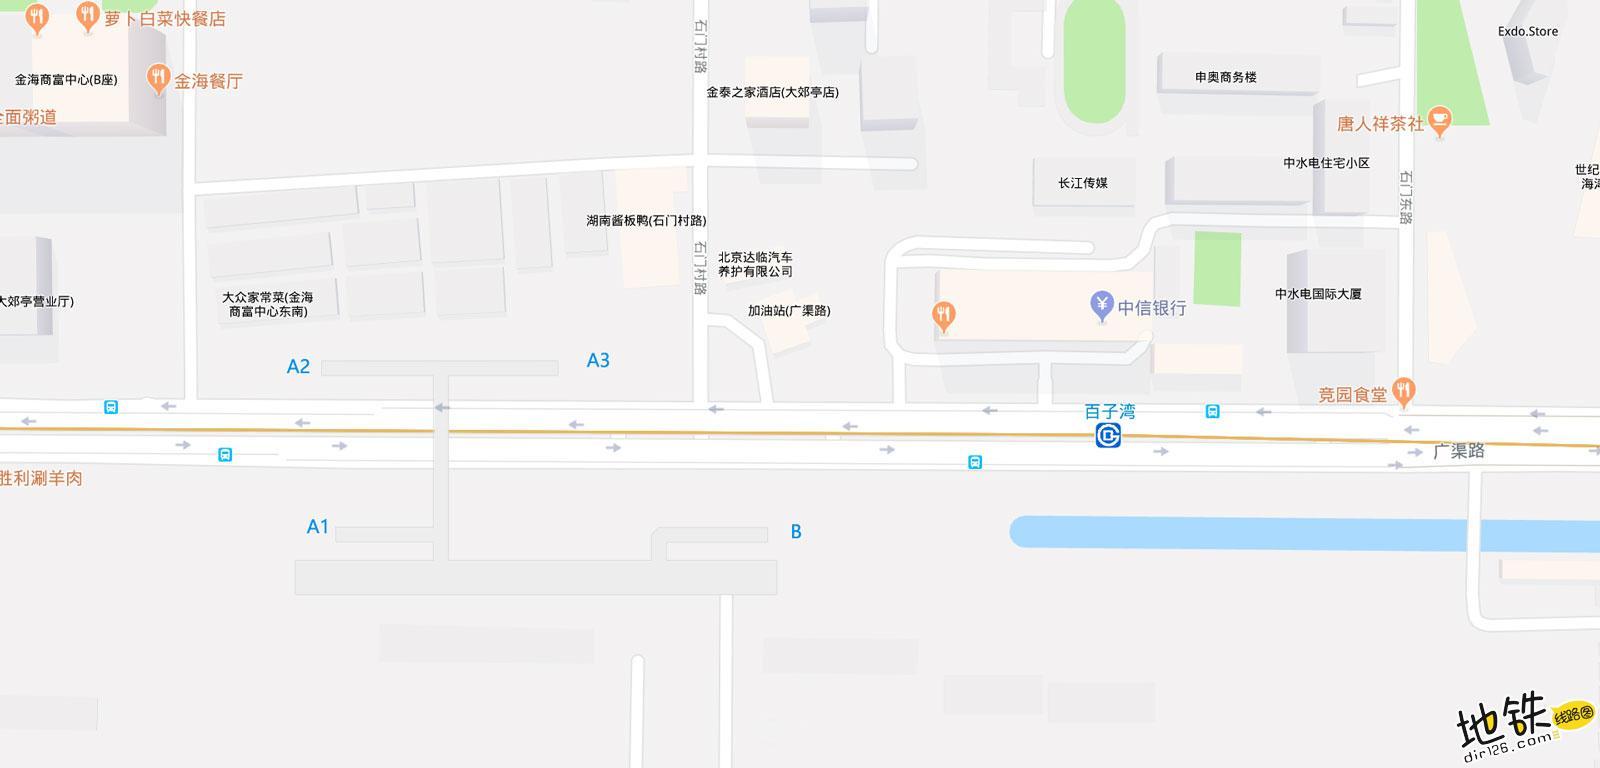 百子湾地铁站 北京地铁百子湾站出入口 地图信息查询  北京地铁站  第2张